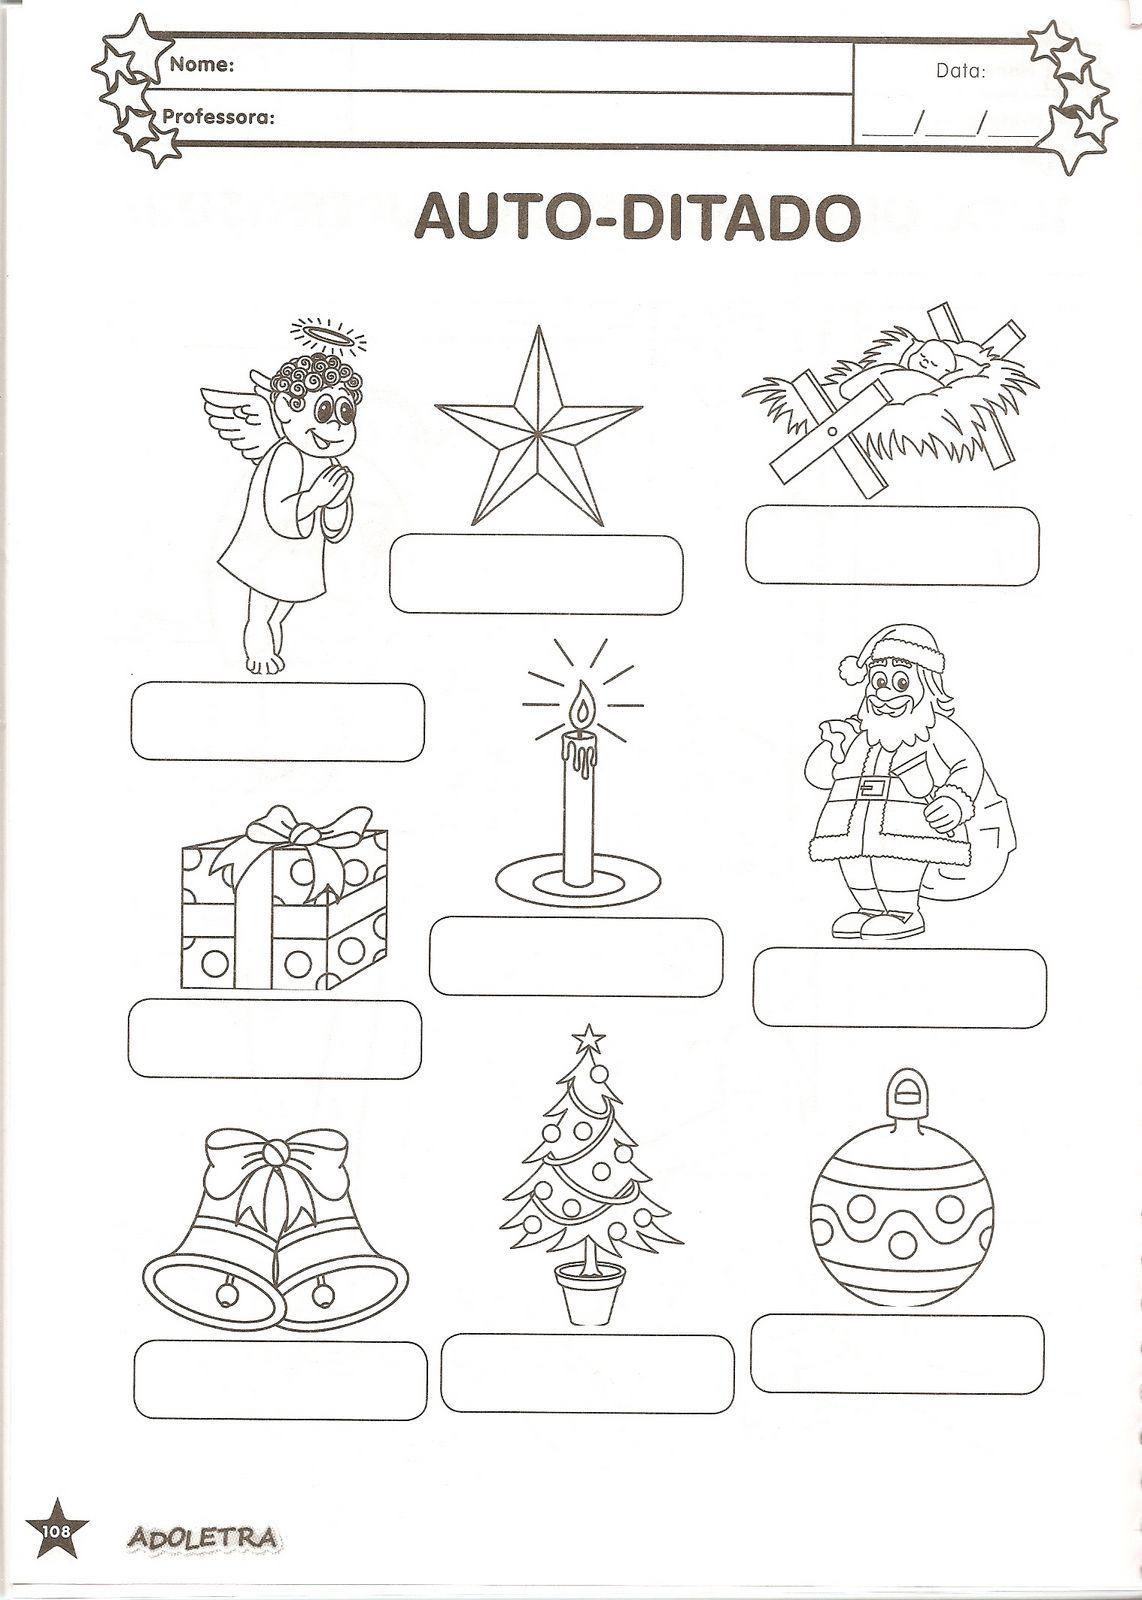 Atividades De Natal  Auto Ditado E Ca  A Palavras E Muito Mais